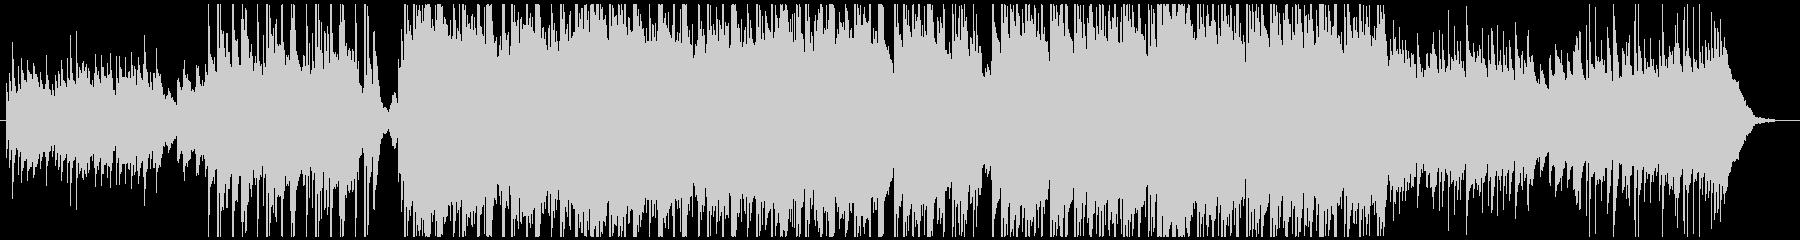 しっとりとした曲調のピアノインストの未再生の波形